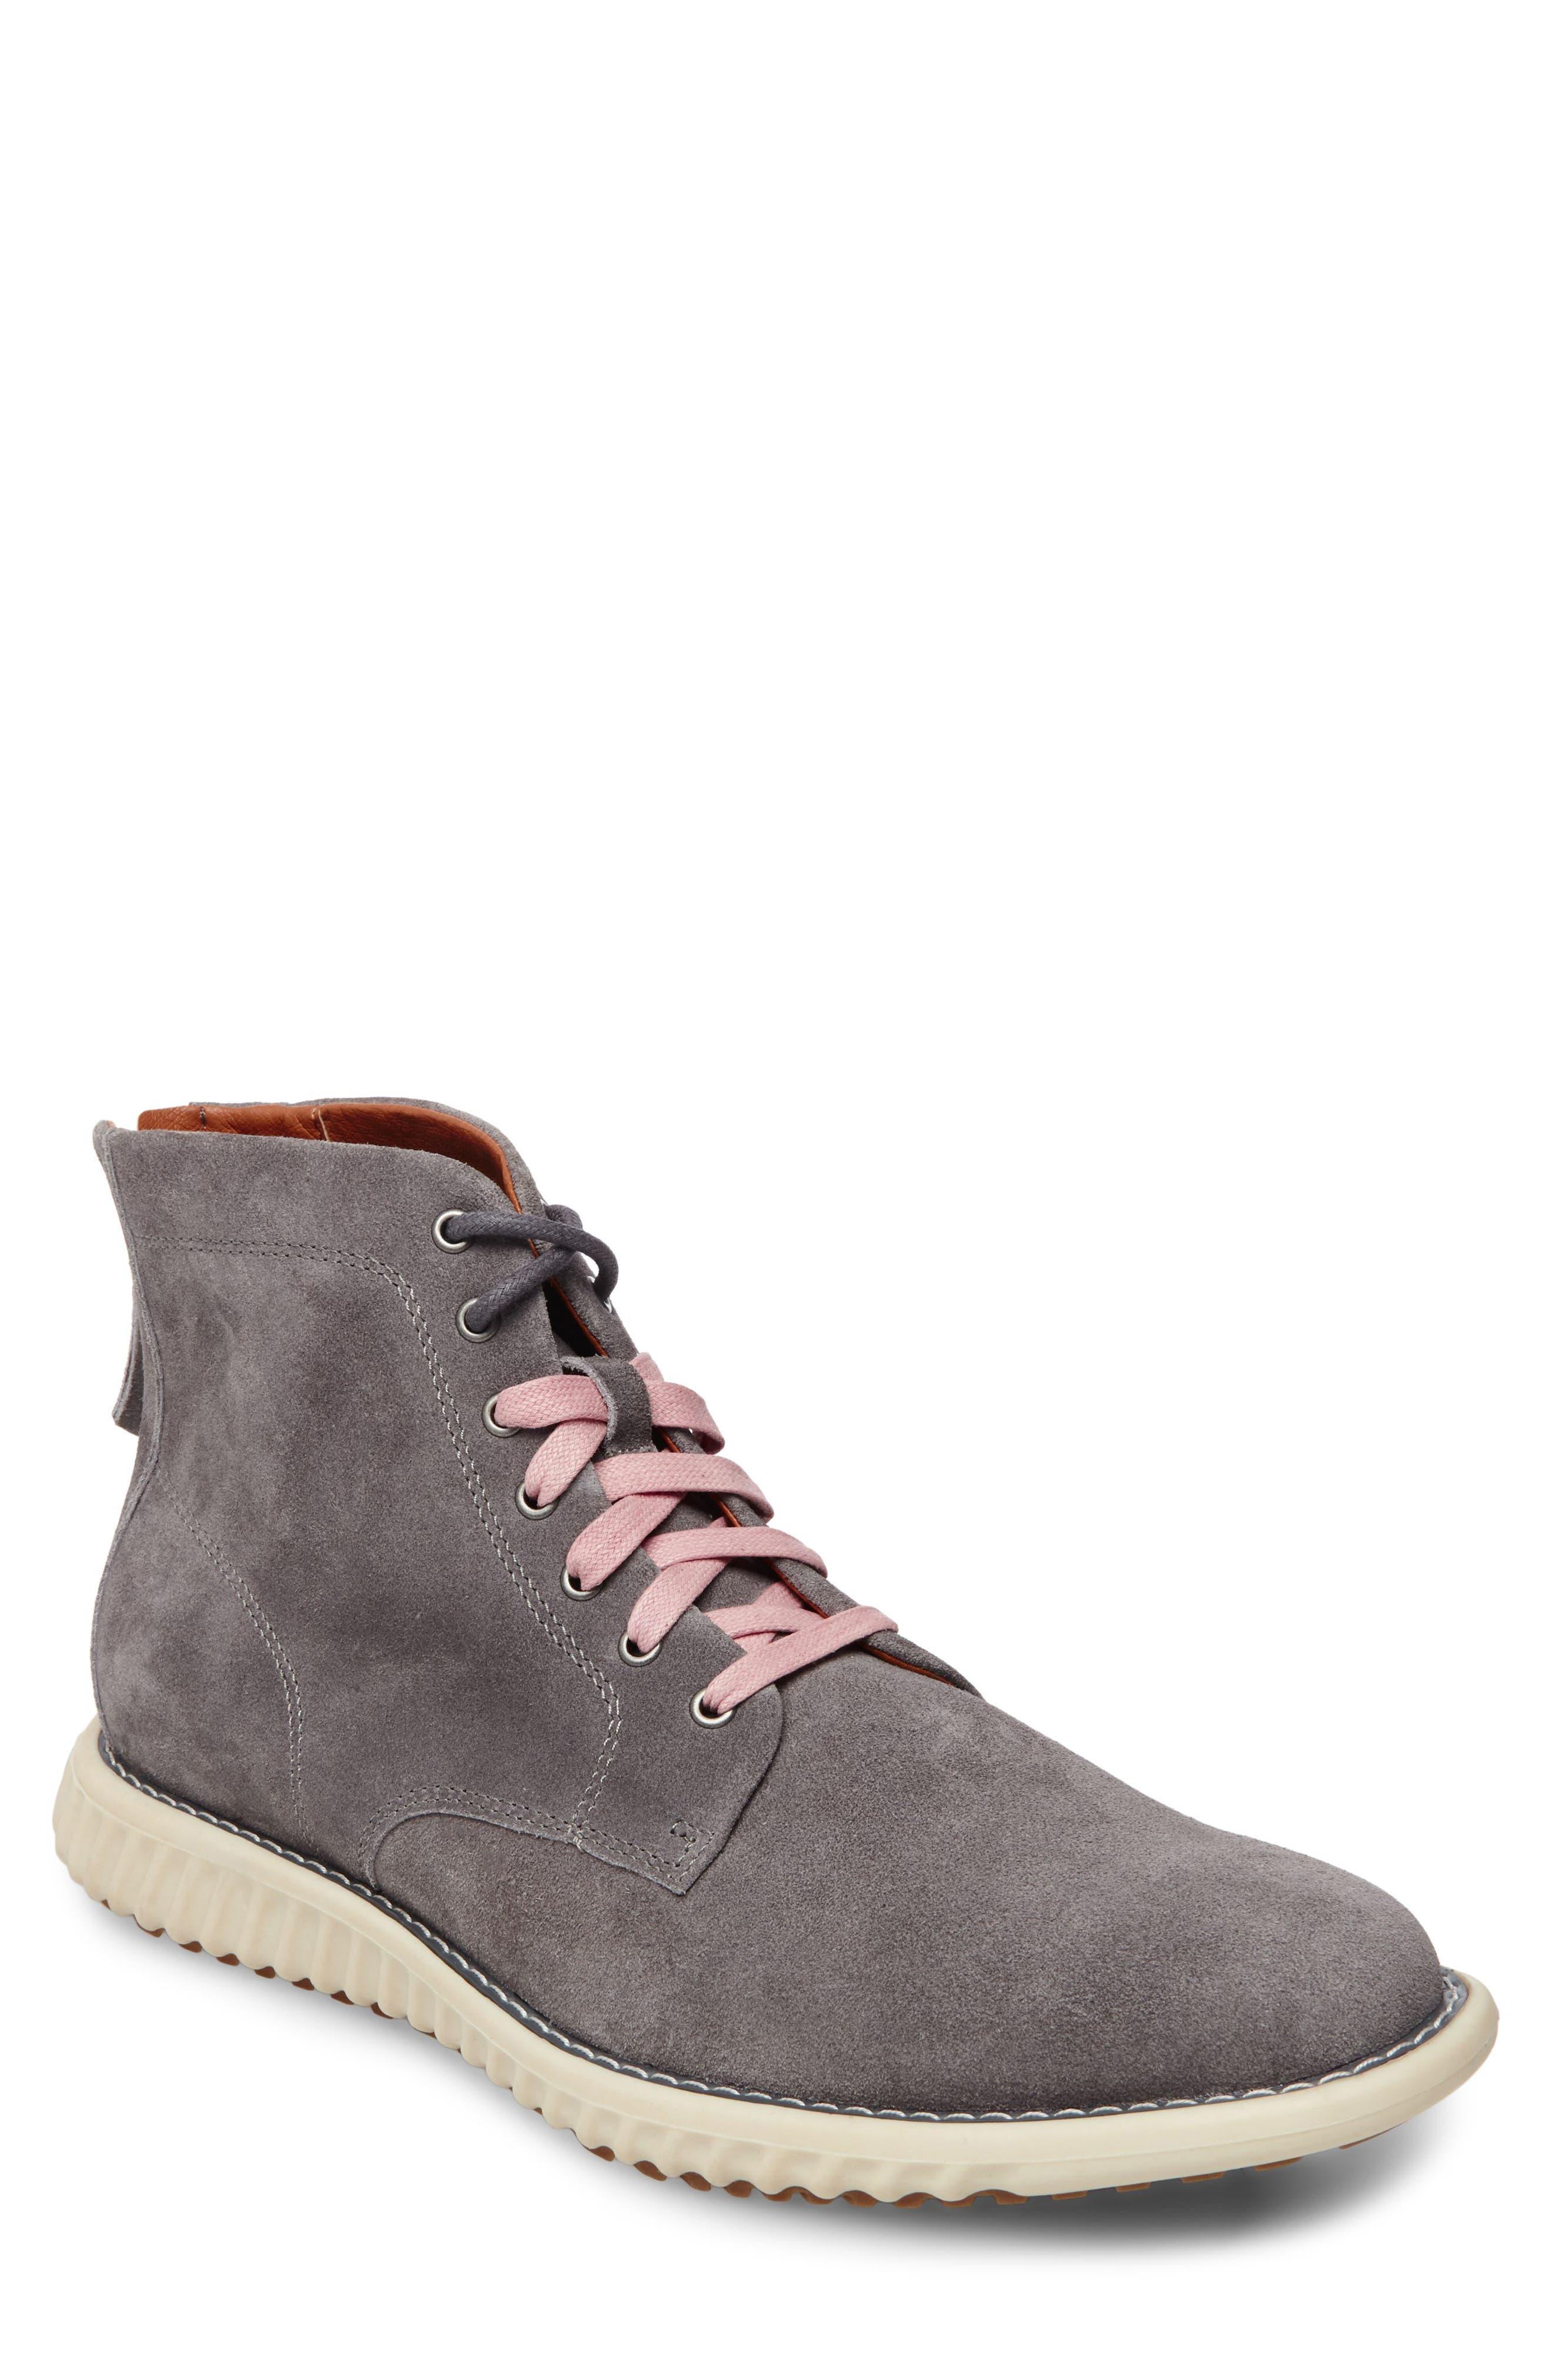 Verner Suede Plain Toe Boot,                         Main,                         color, DARK GREY SUEDE